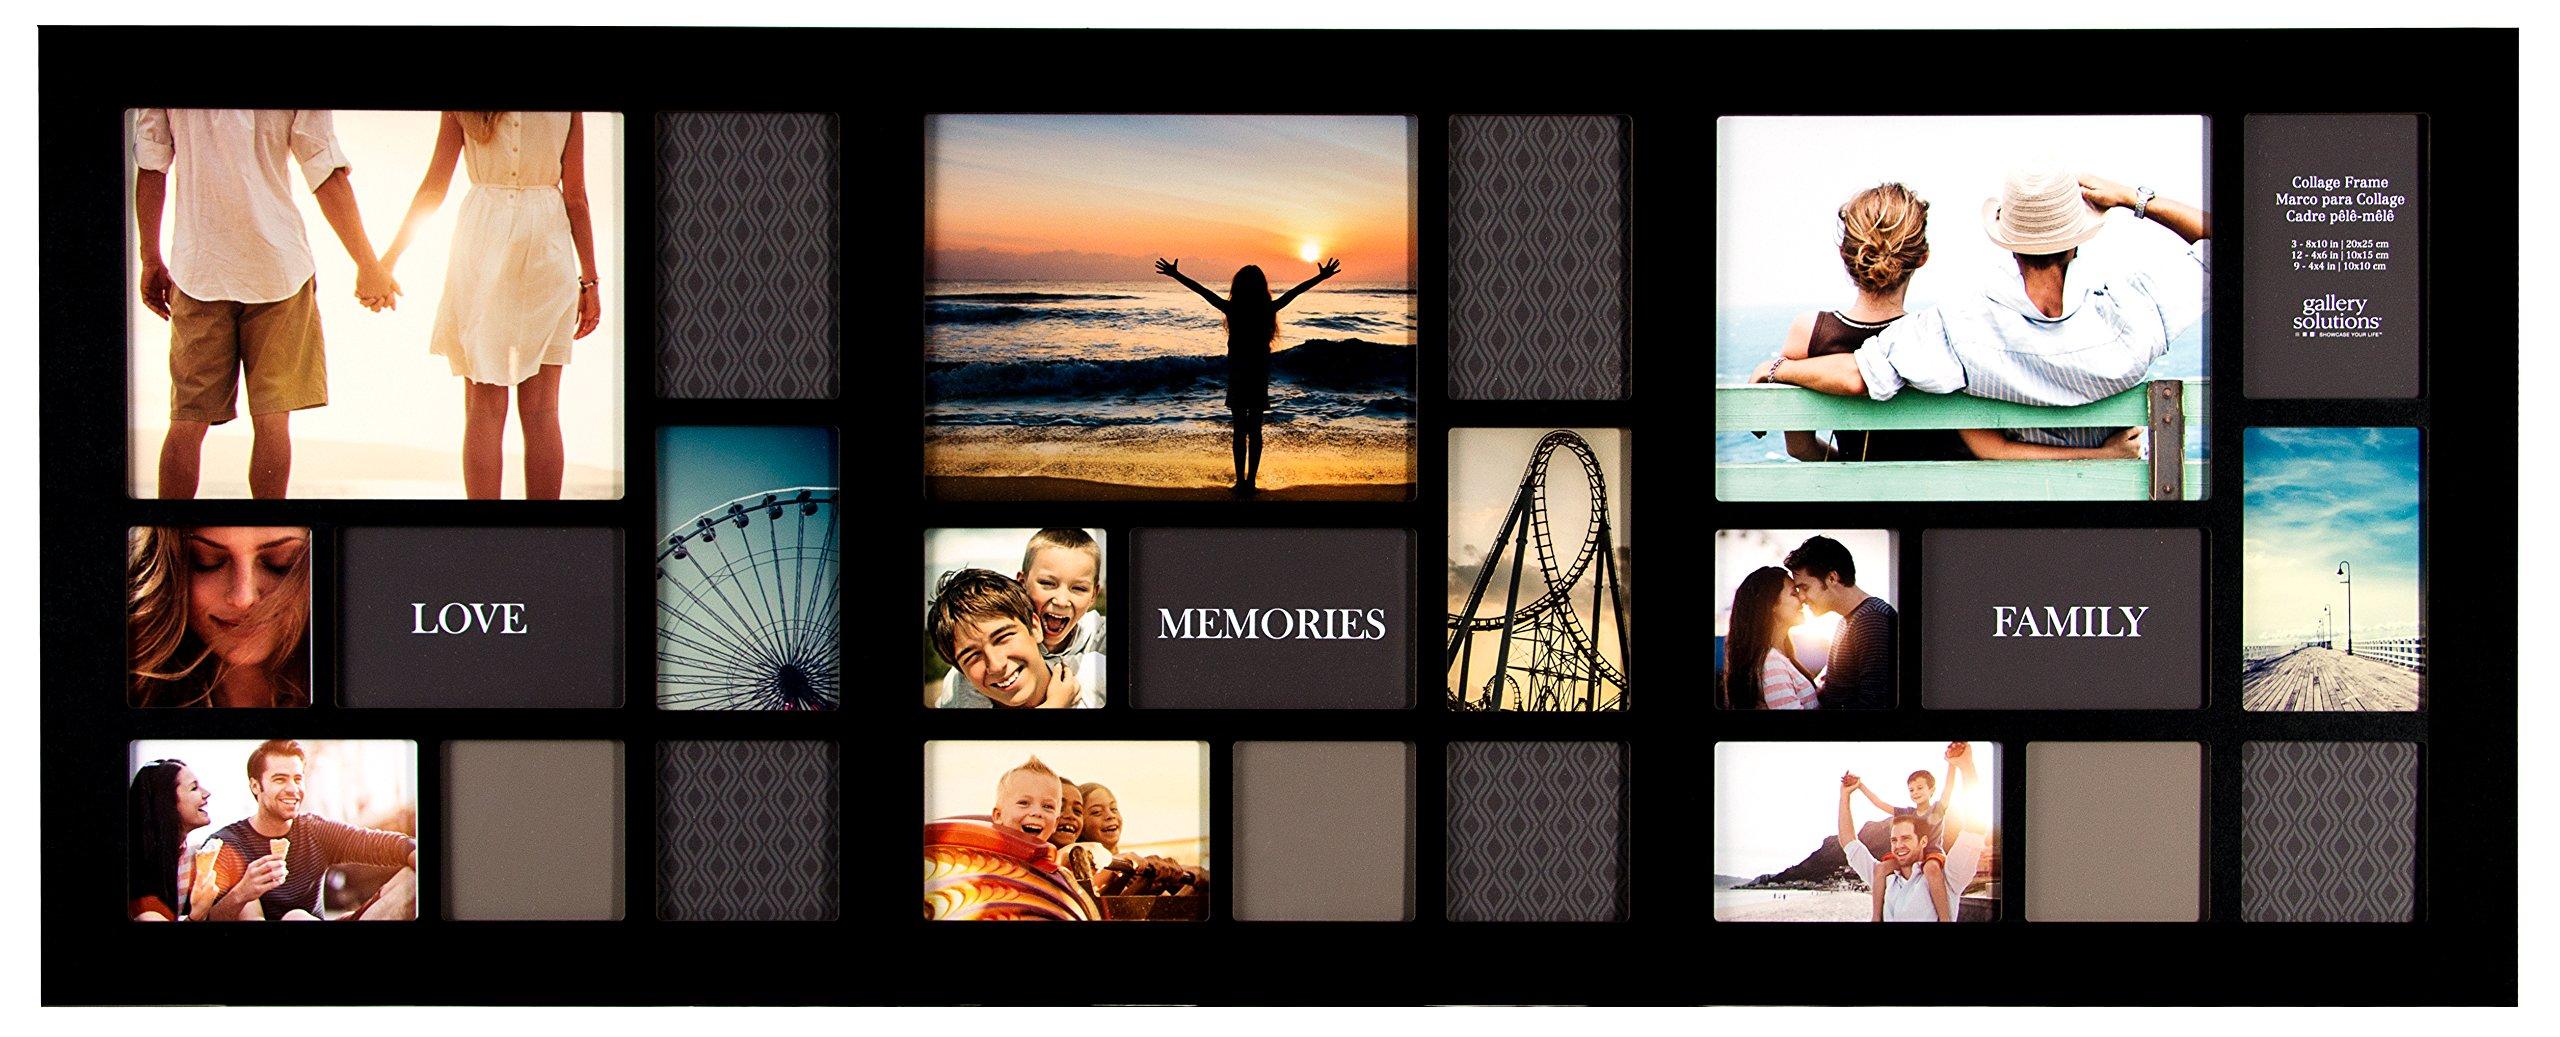 Ausgezeichnet 8x10 Photo Collage Frame Bilder - Benutzerdefinierte ...